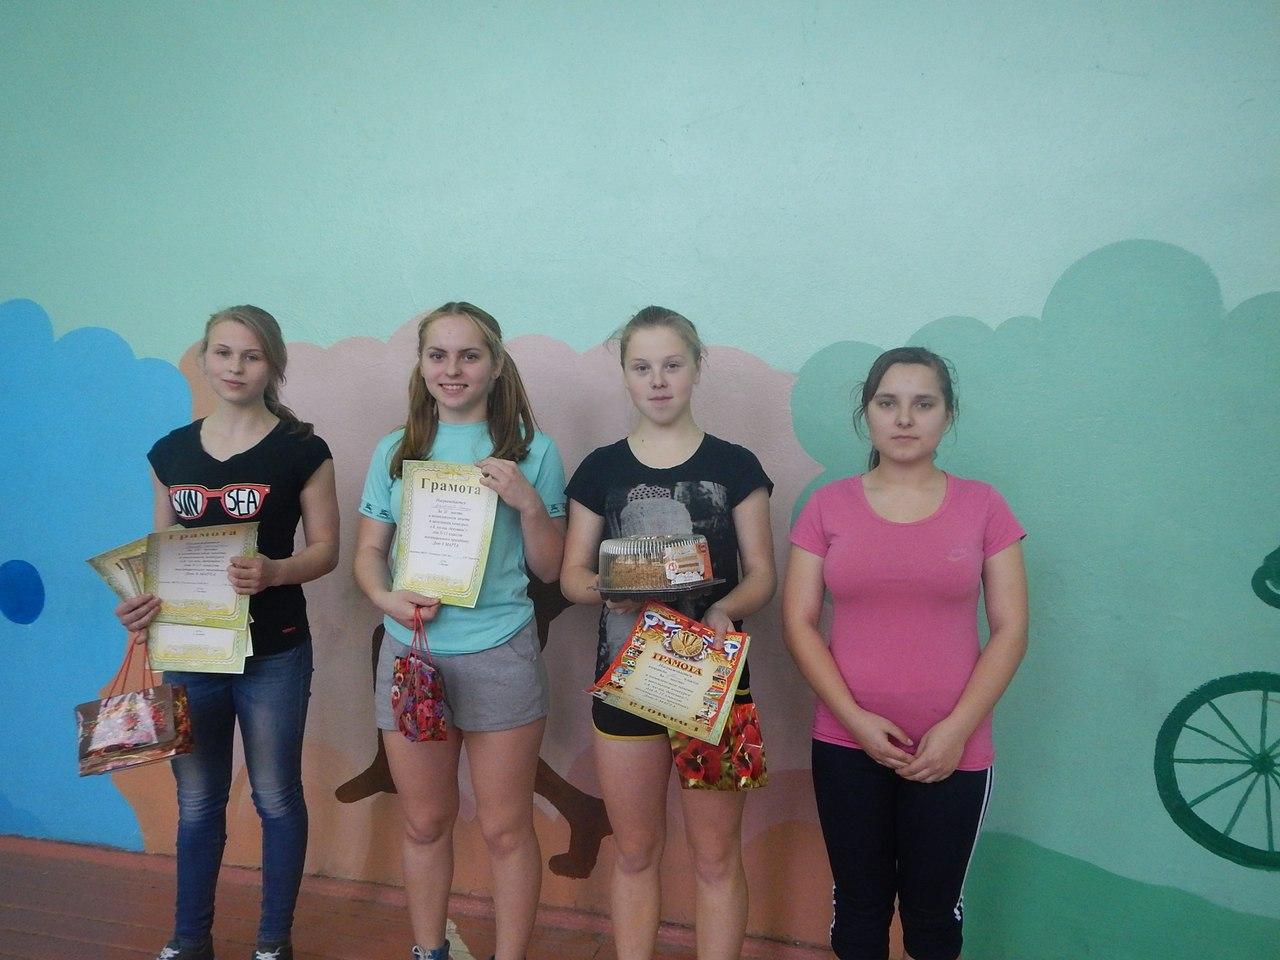 Фото девушек в одном фото было 4 девушек